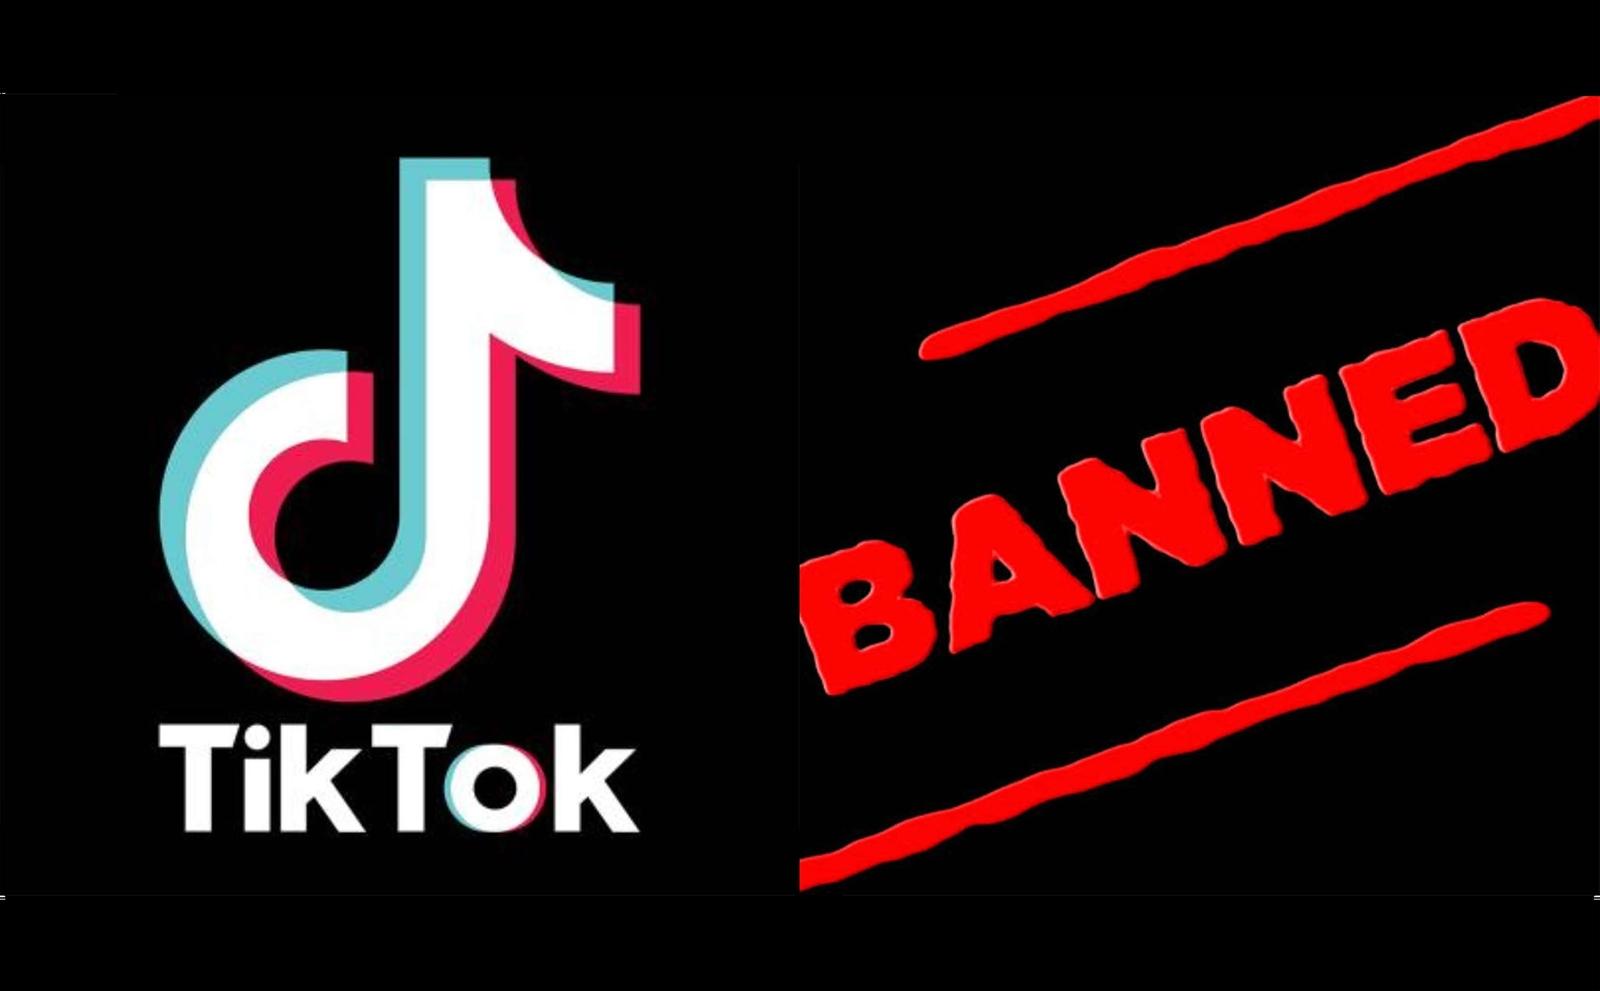 Ấn Độ cấm TikTok và hàng loạt ứng dụng từ Trung Quốc